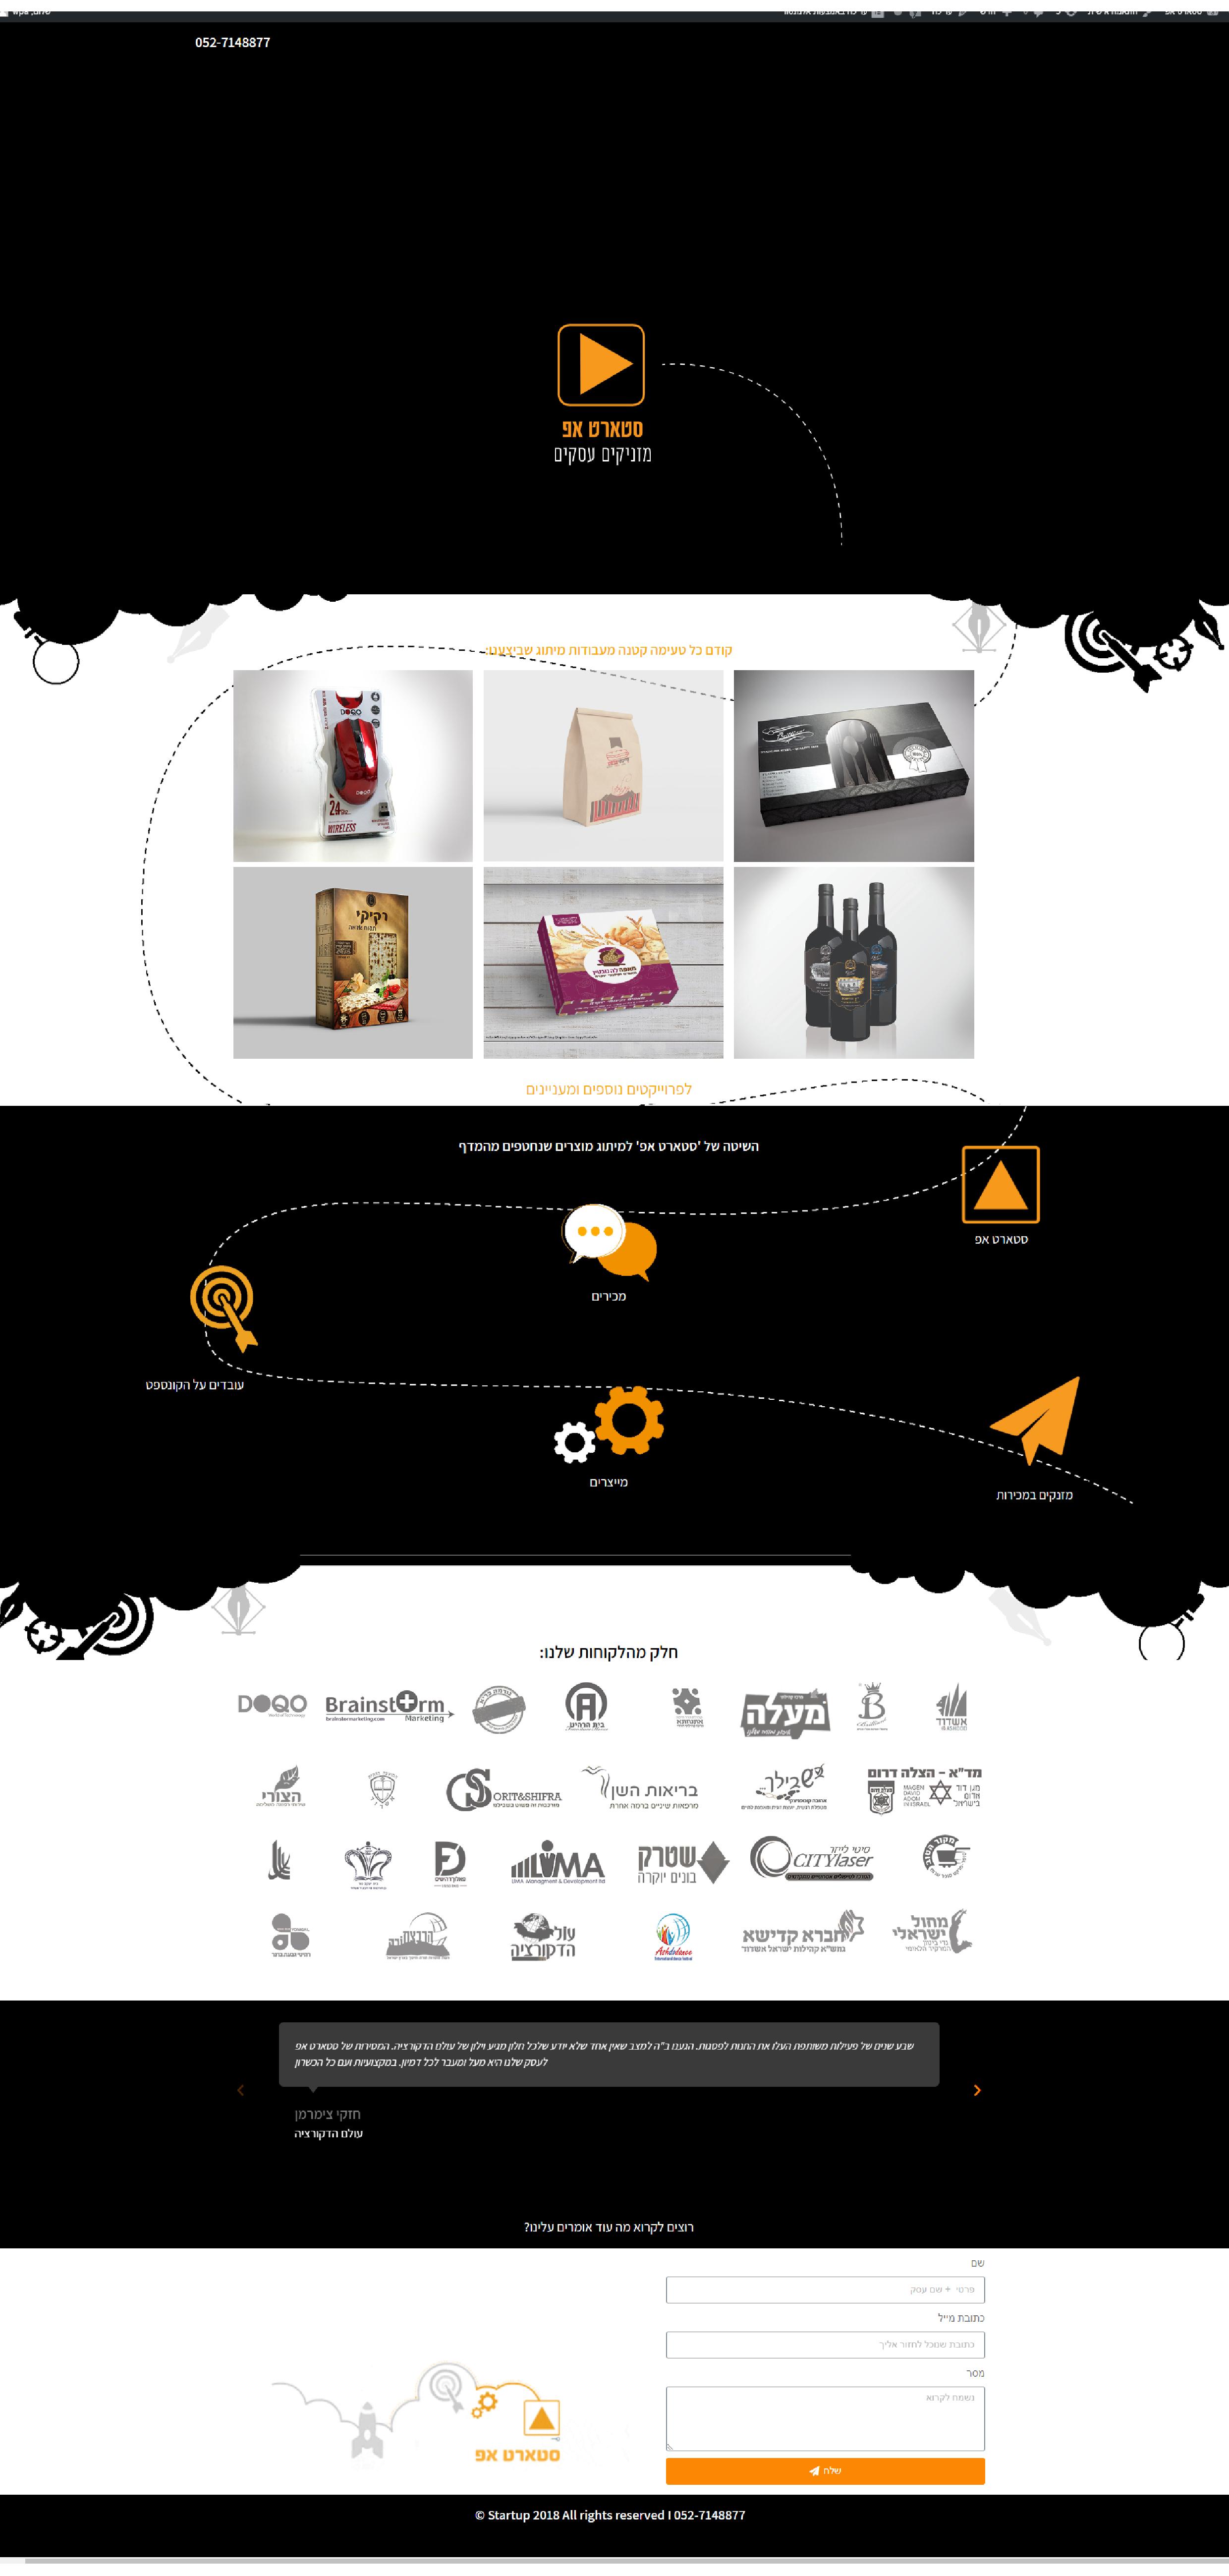 לאה גלברט, סטארטאפ, עיצוב האתר הקודם